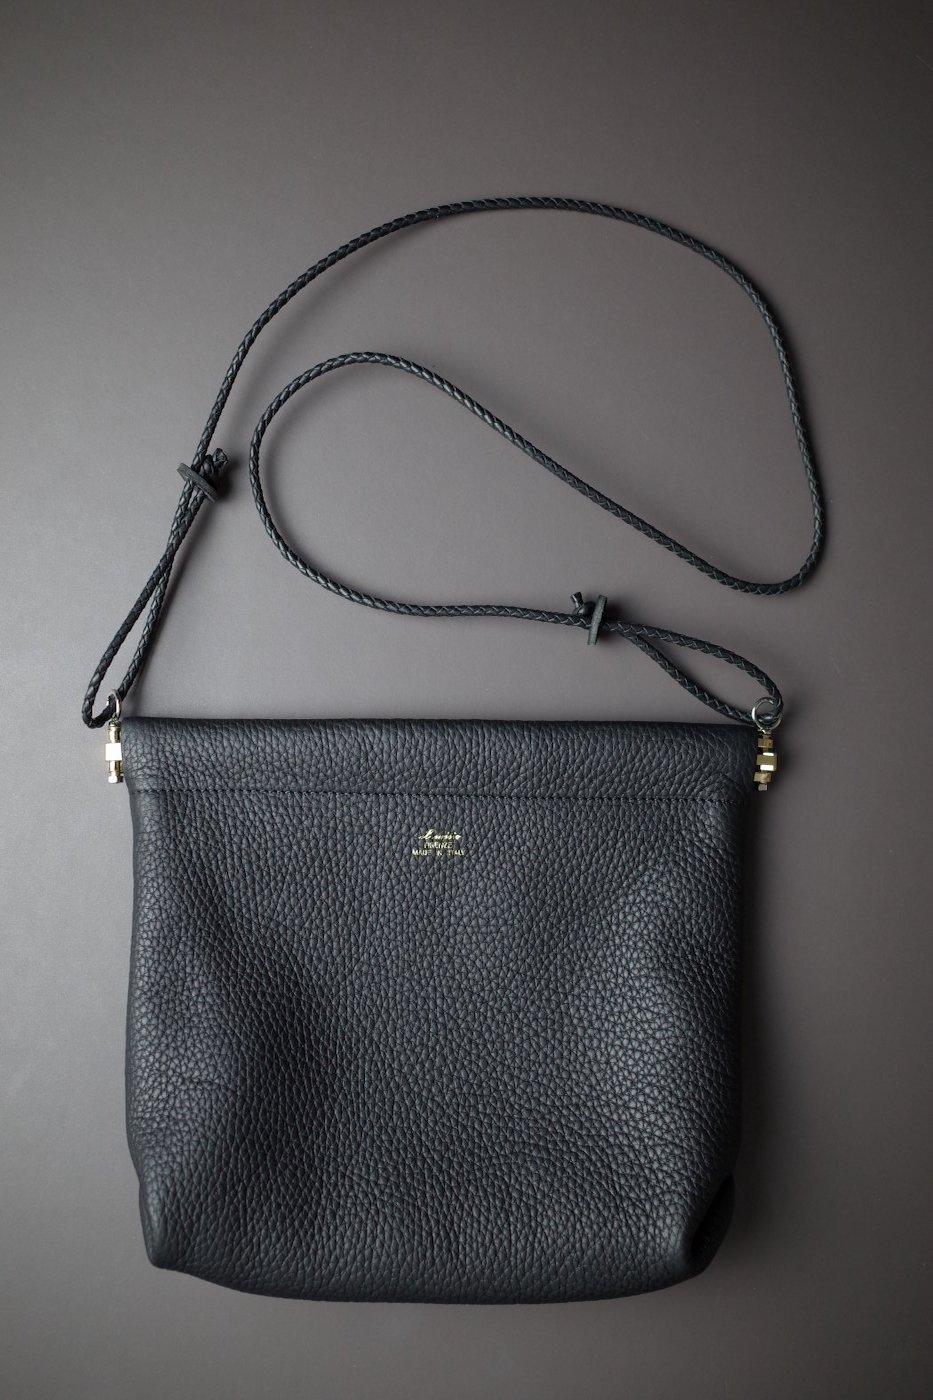 il micho イル・ミーチョ -SMALL LEATHER BAG-BLACK